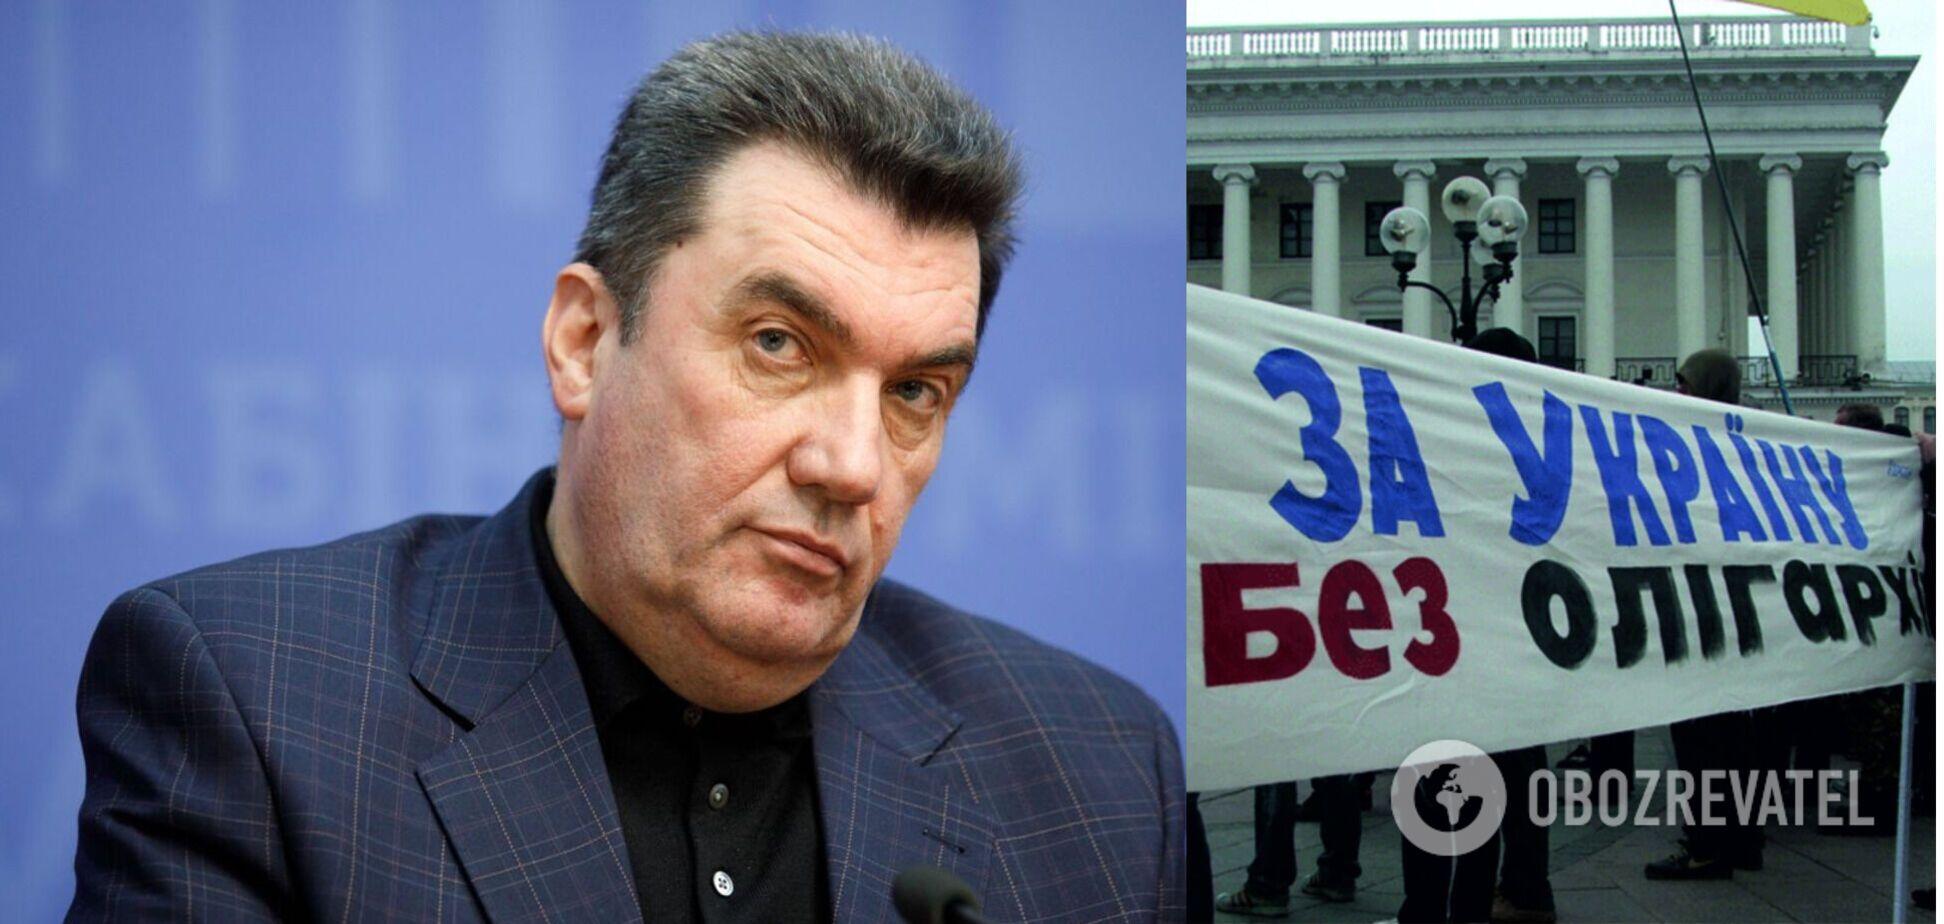 В Украине будут мониторить деятельность олигархов: когда запустят систему